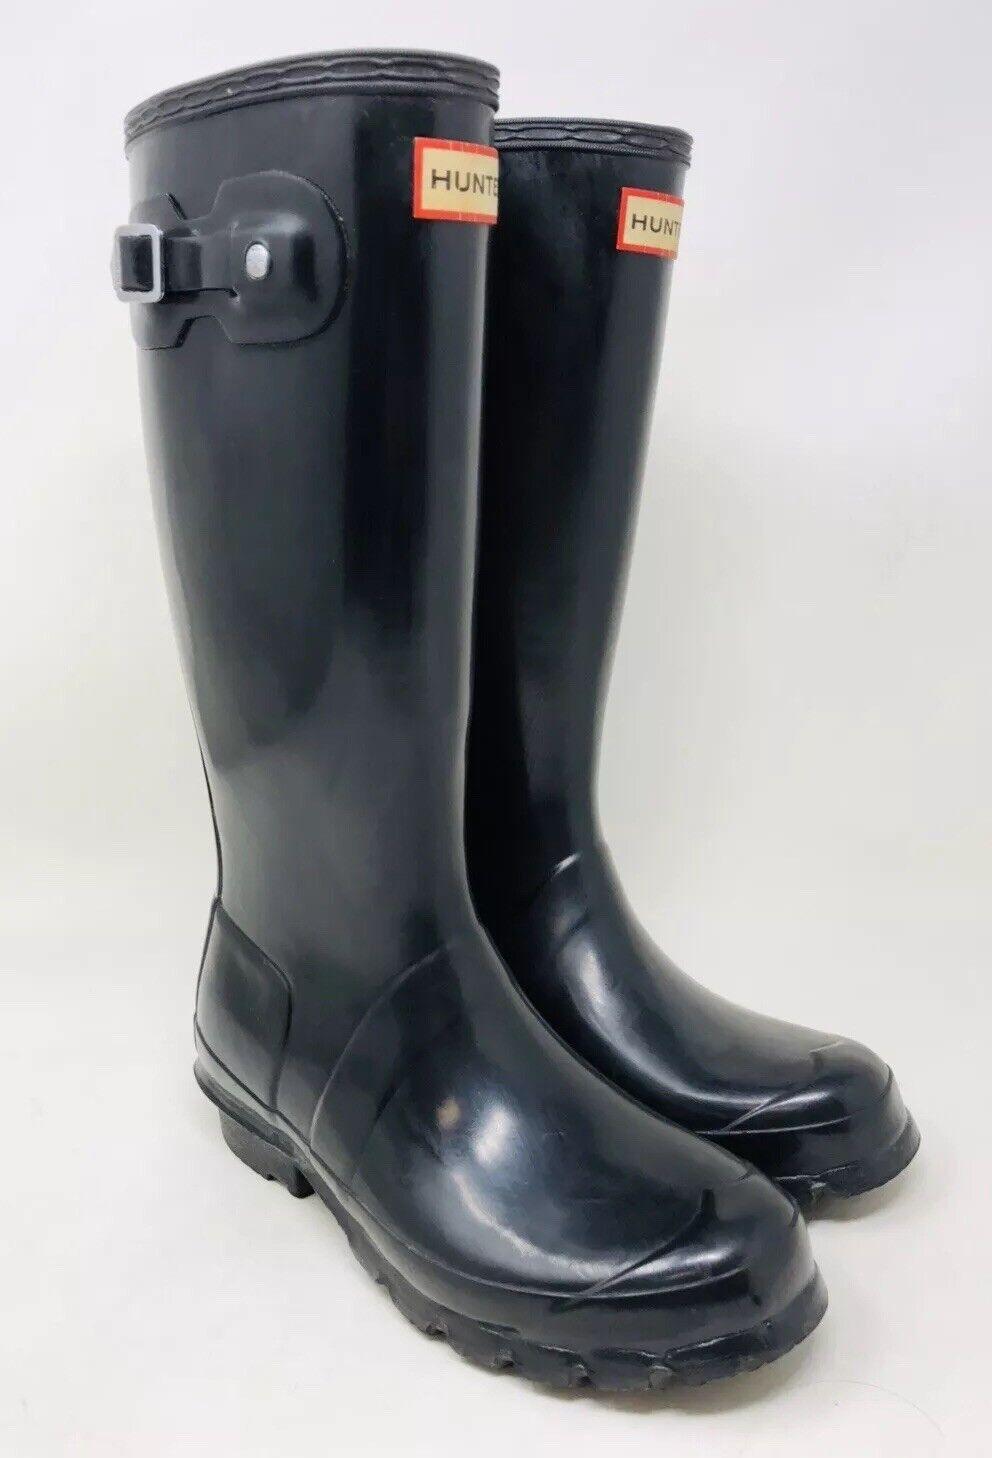 Hunter Original Tall Gloss Gloss Gloss botas talla 5 Negro de goma al por menor  150 ee8f60